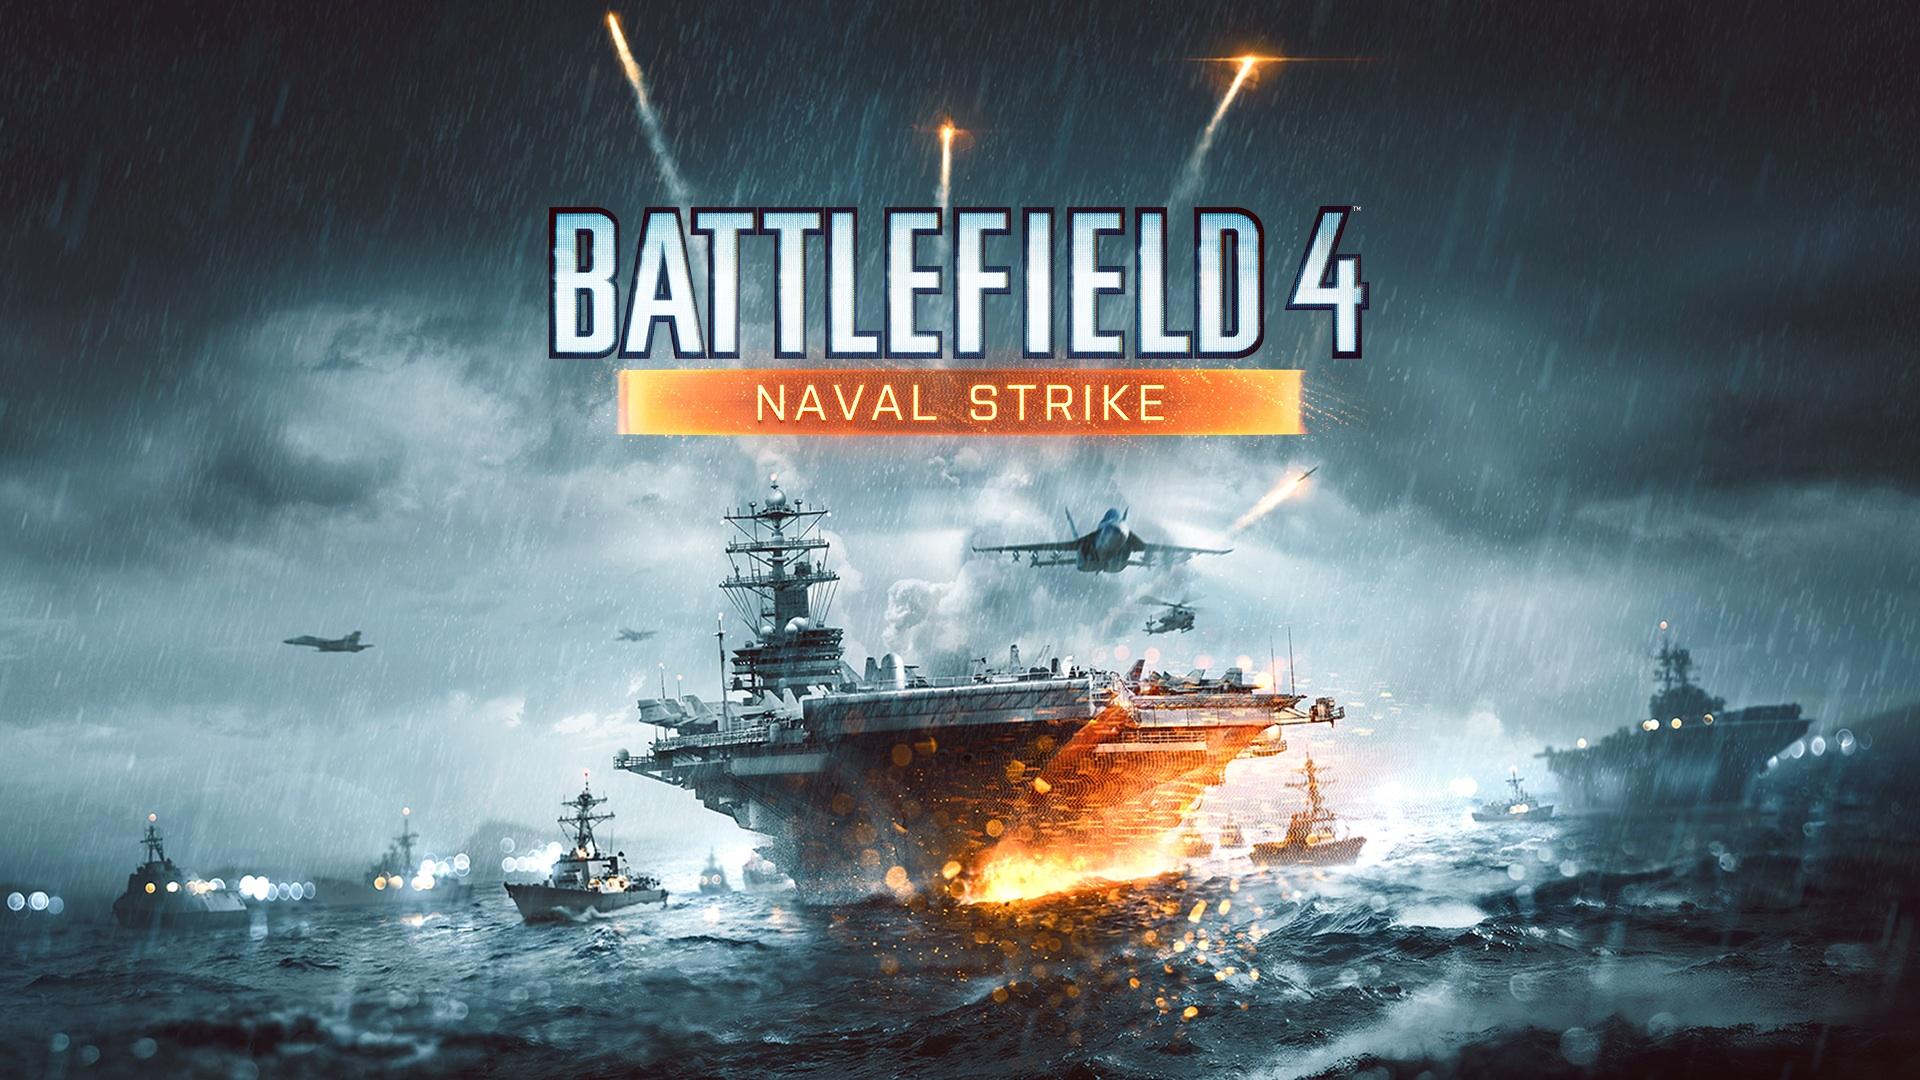 Veröffentlicht Electronic Arts weitere DLCs zu Battlefield 4?